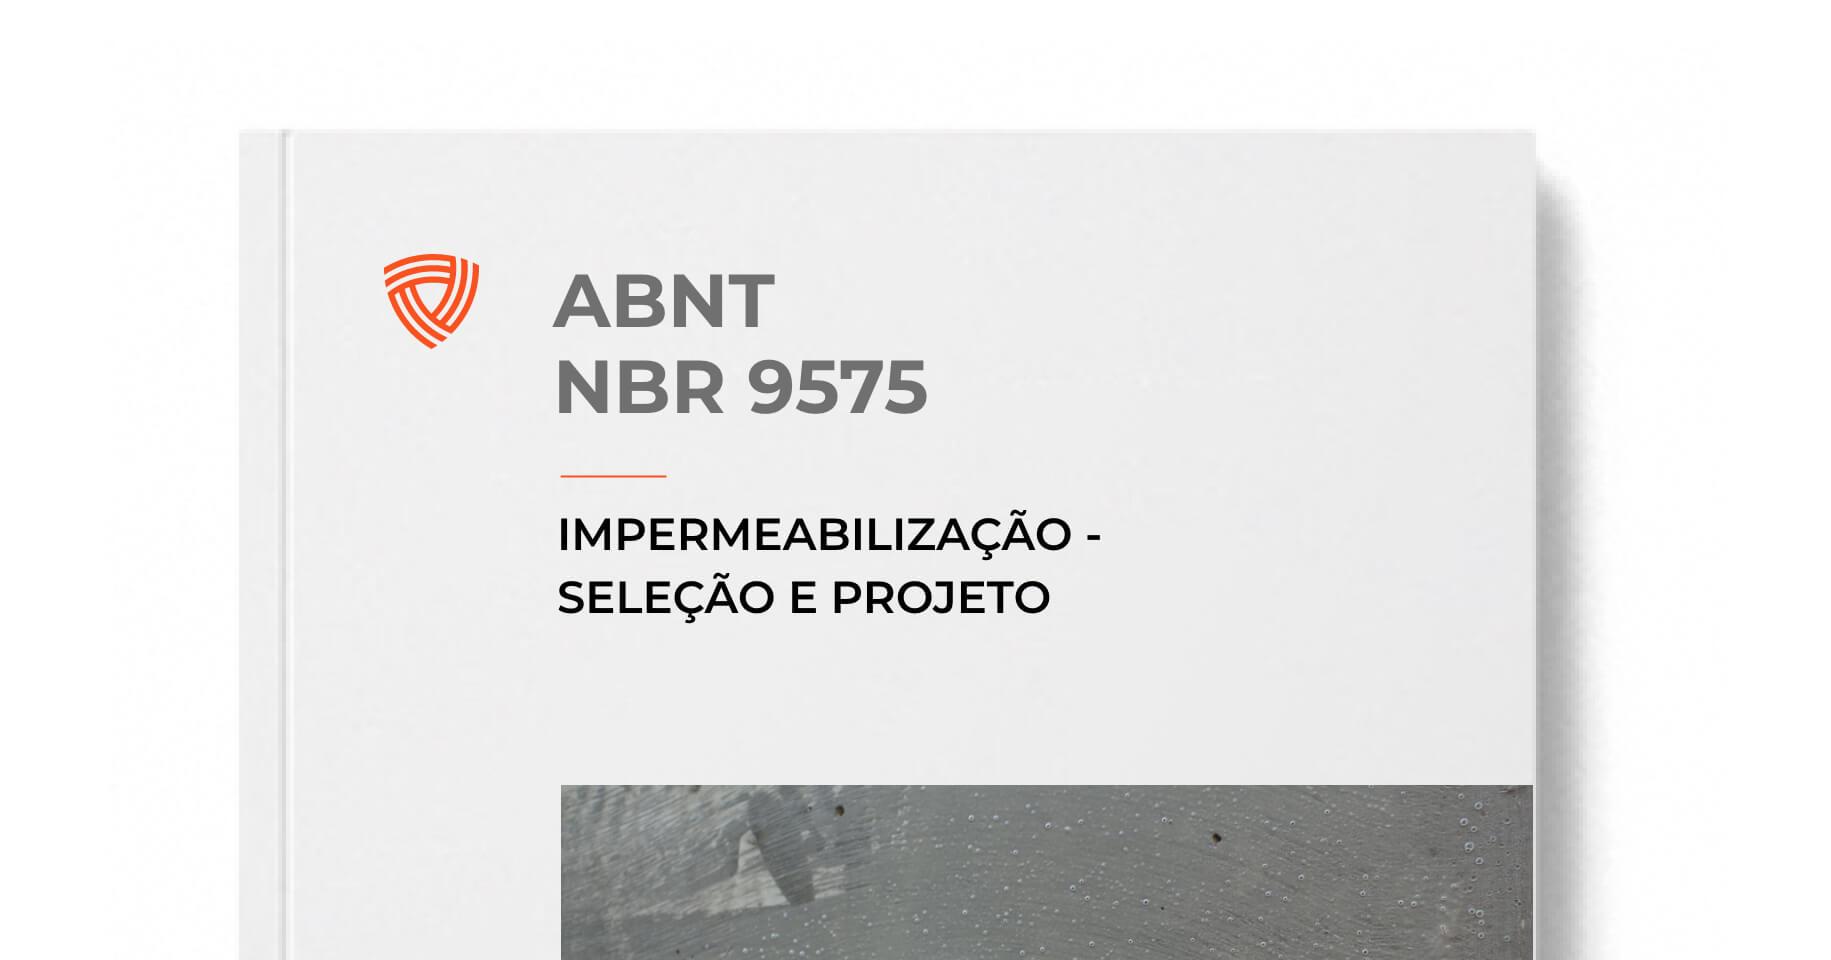 ABNT NBR 9575 - Impermeabilização - Seleção e Projeto